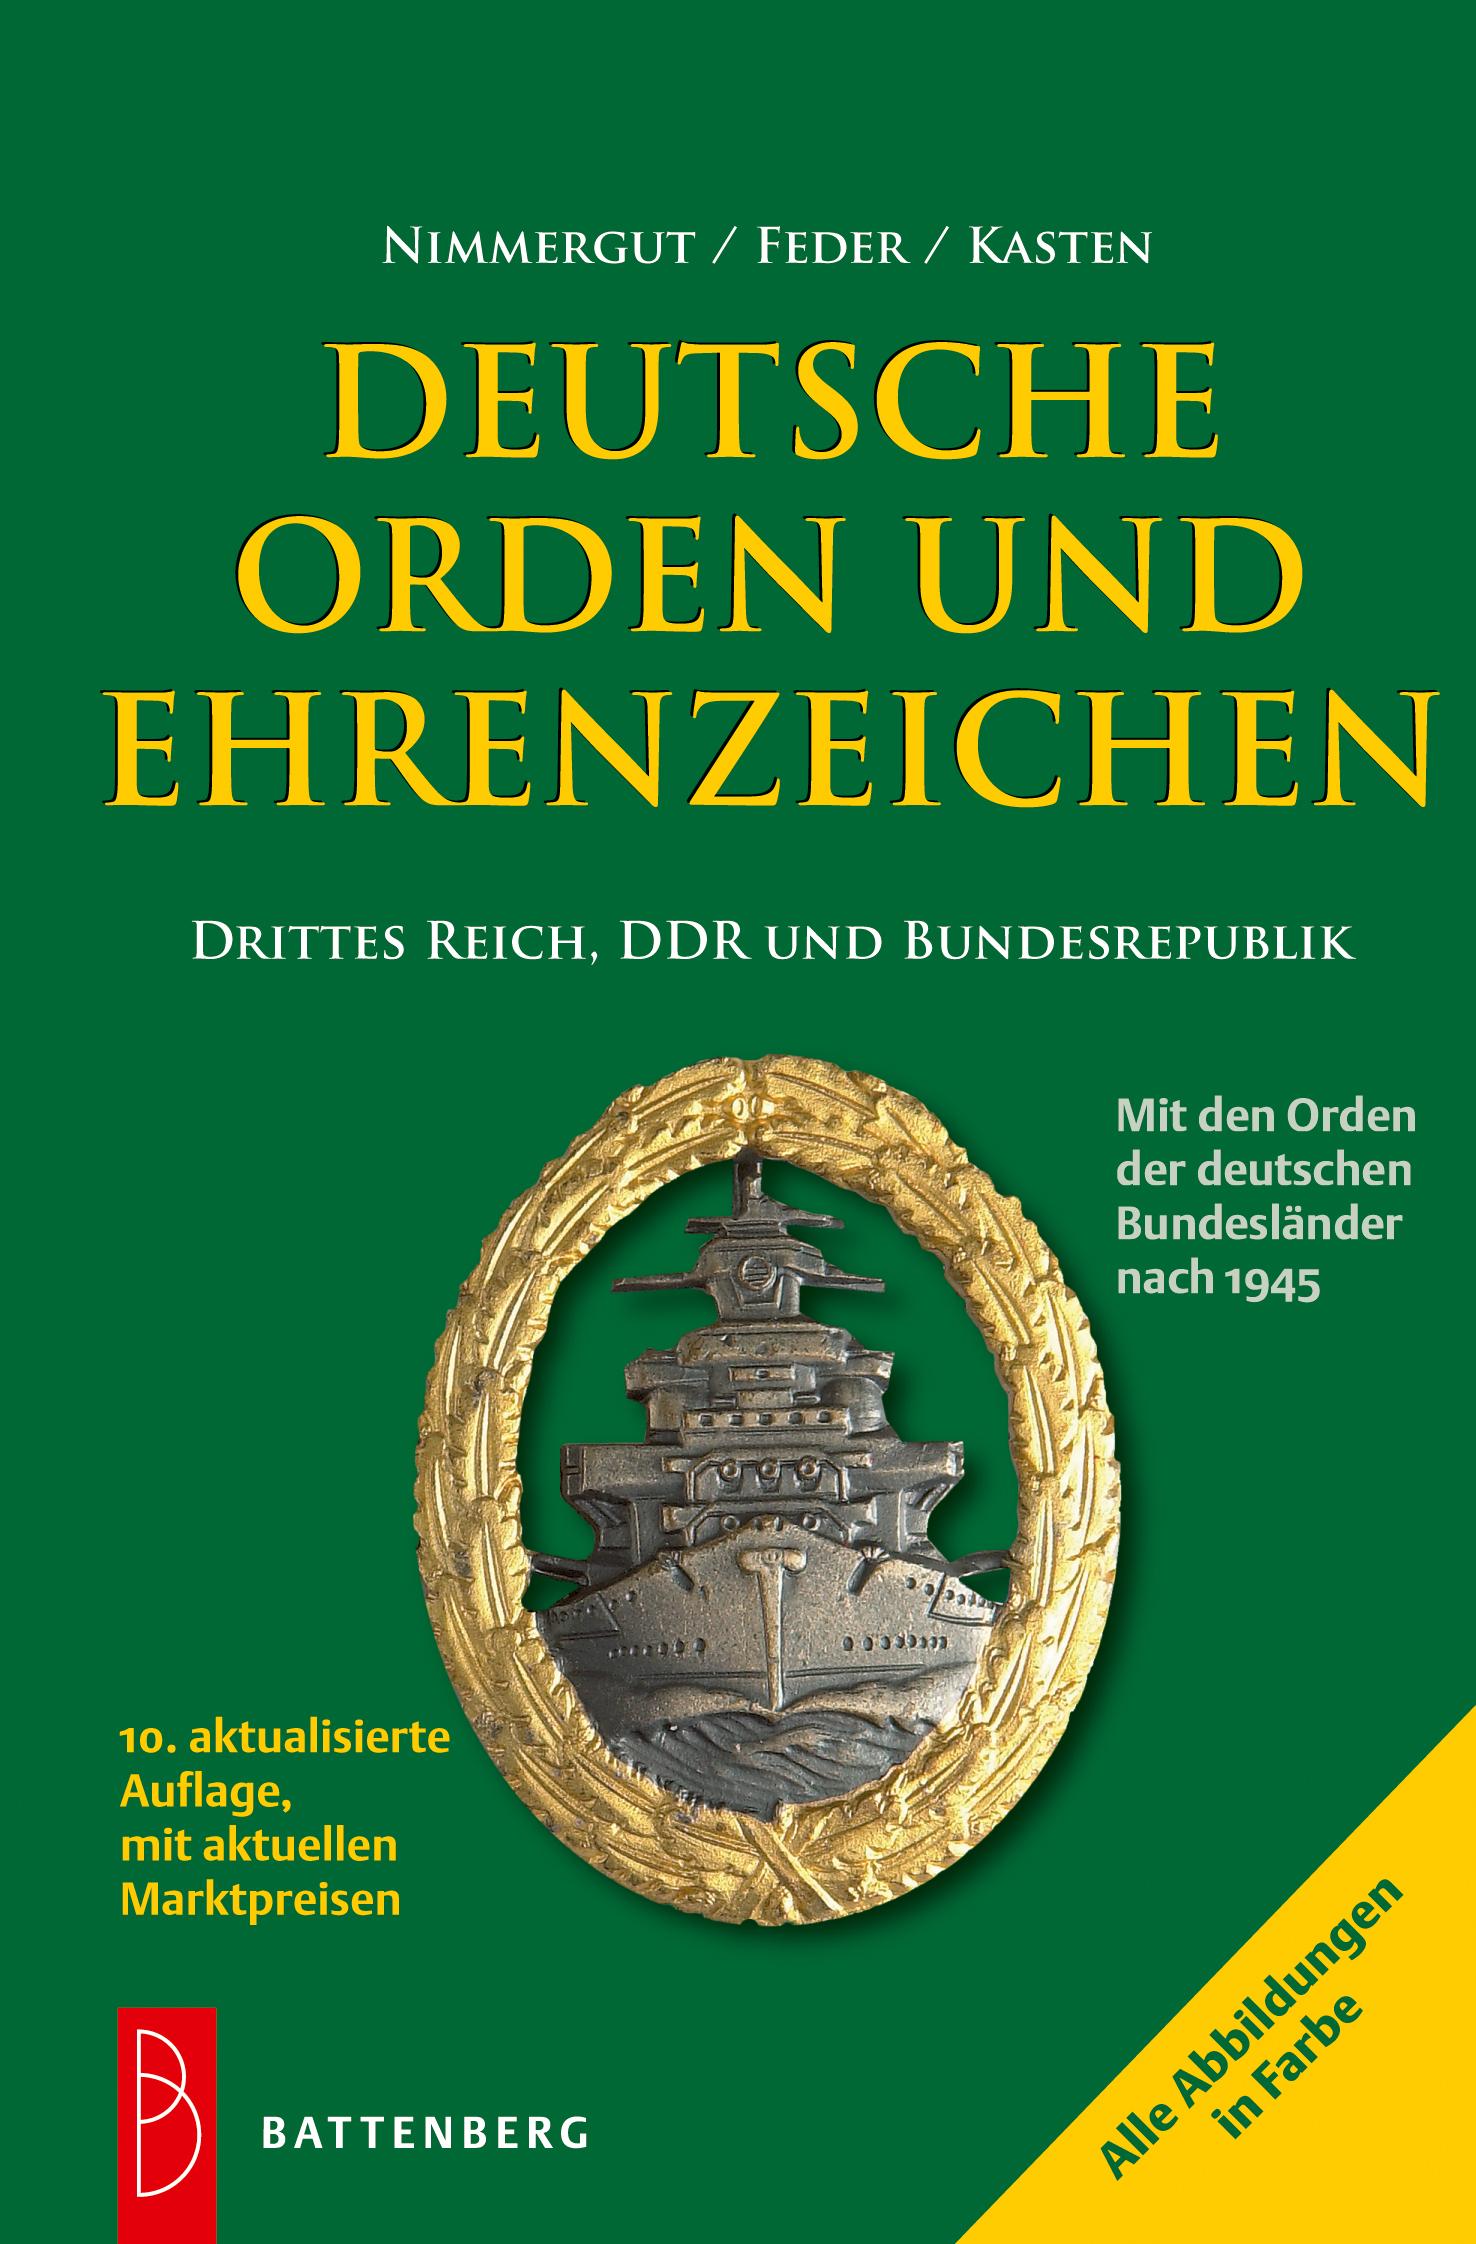 Deutsche Orden und Ehrenzeichen Jörg Nimmergut 9783866461543